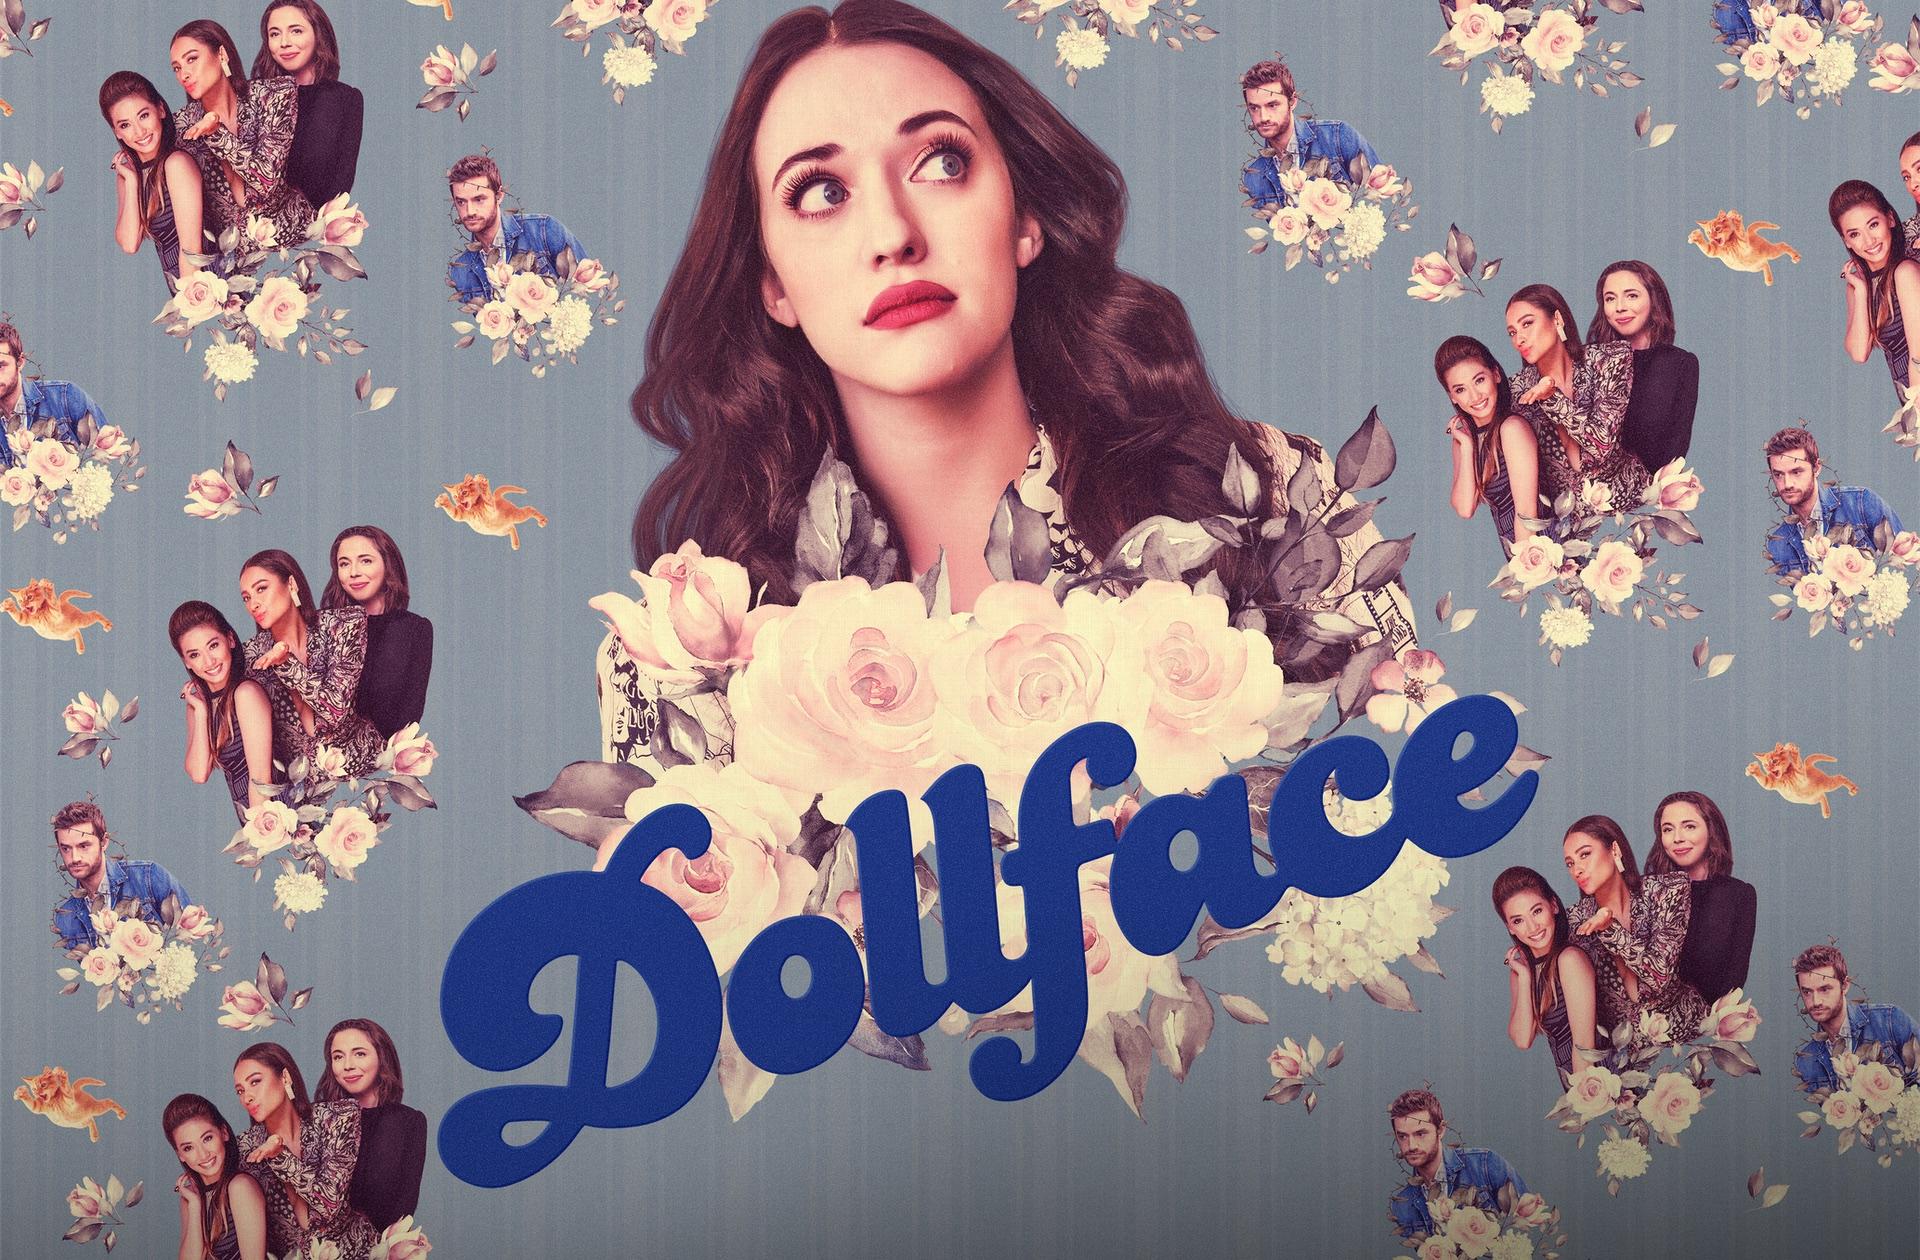 Découvrez « Dollface », une série qui célèbre la sororité